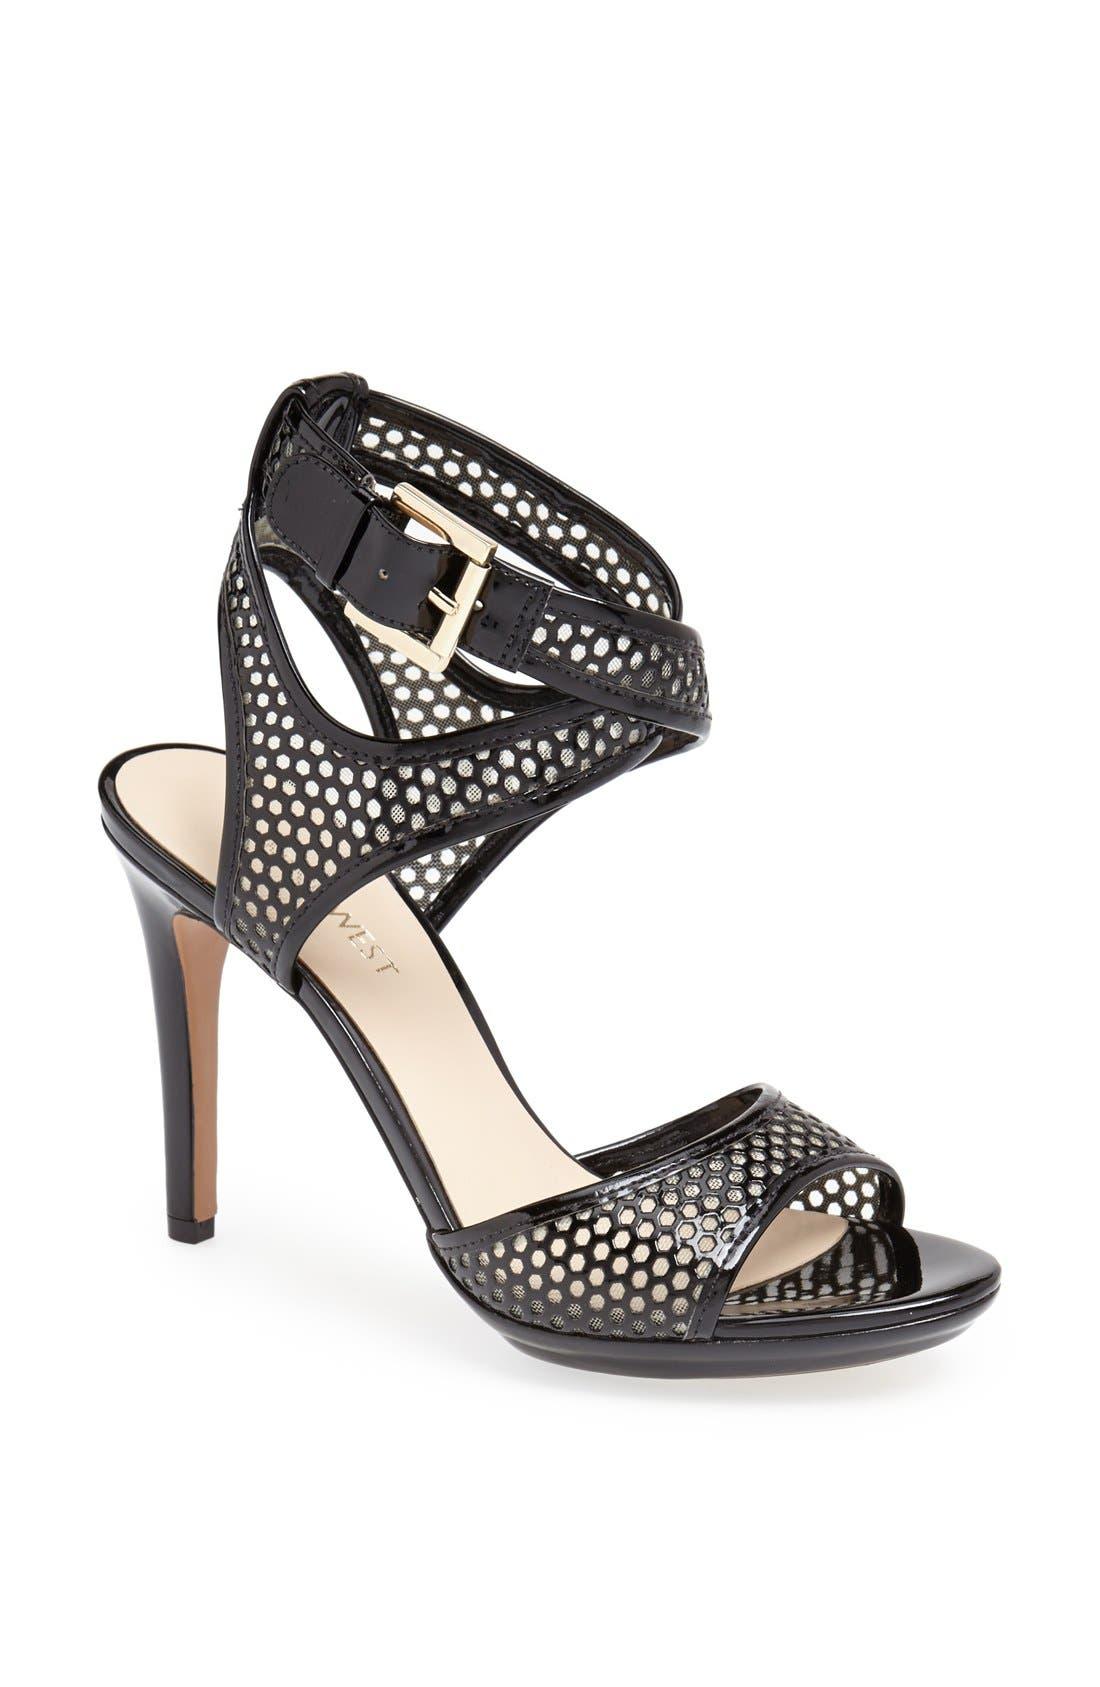 Alternate Image 1 Selected - Nine West 'Halden' Sandal